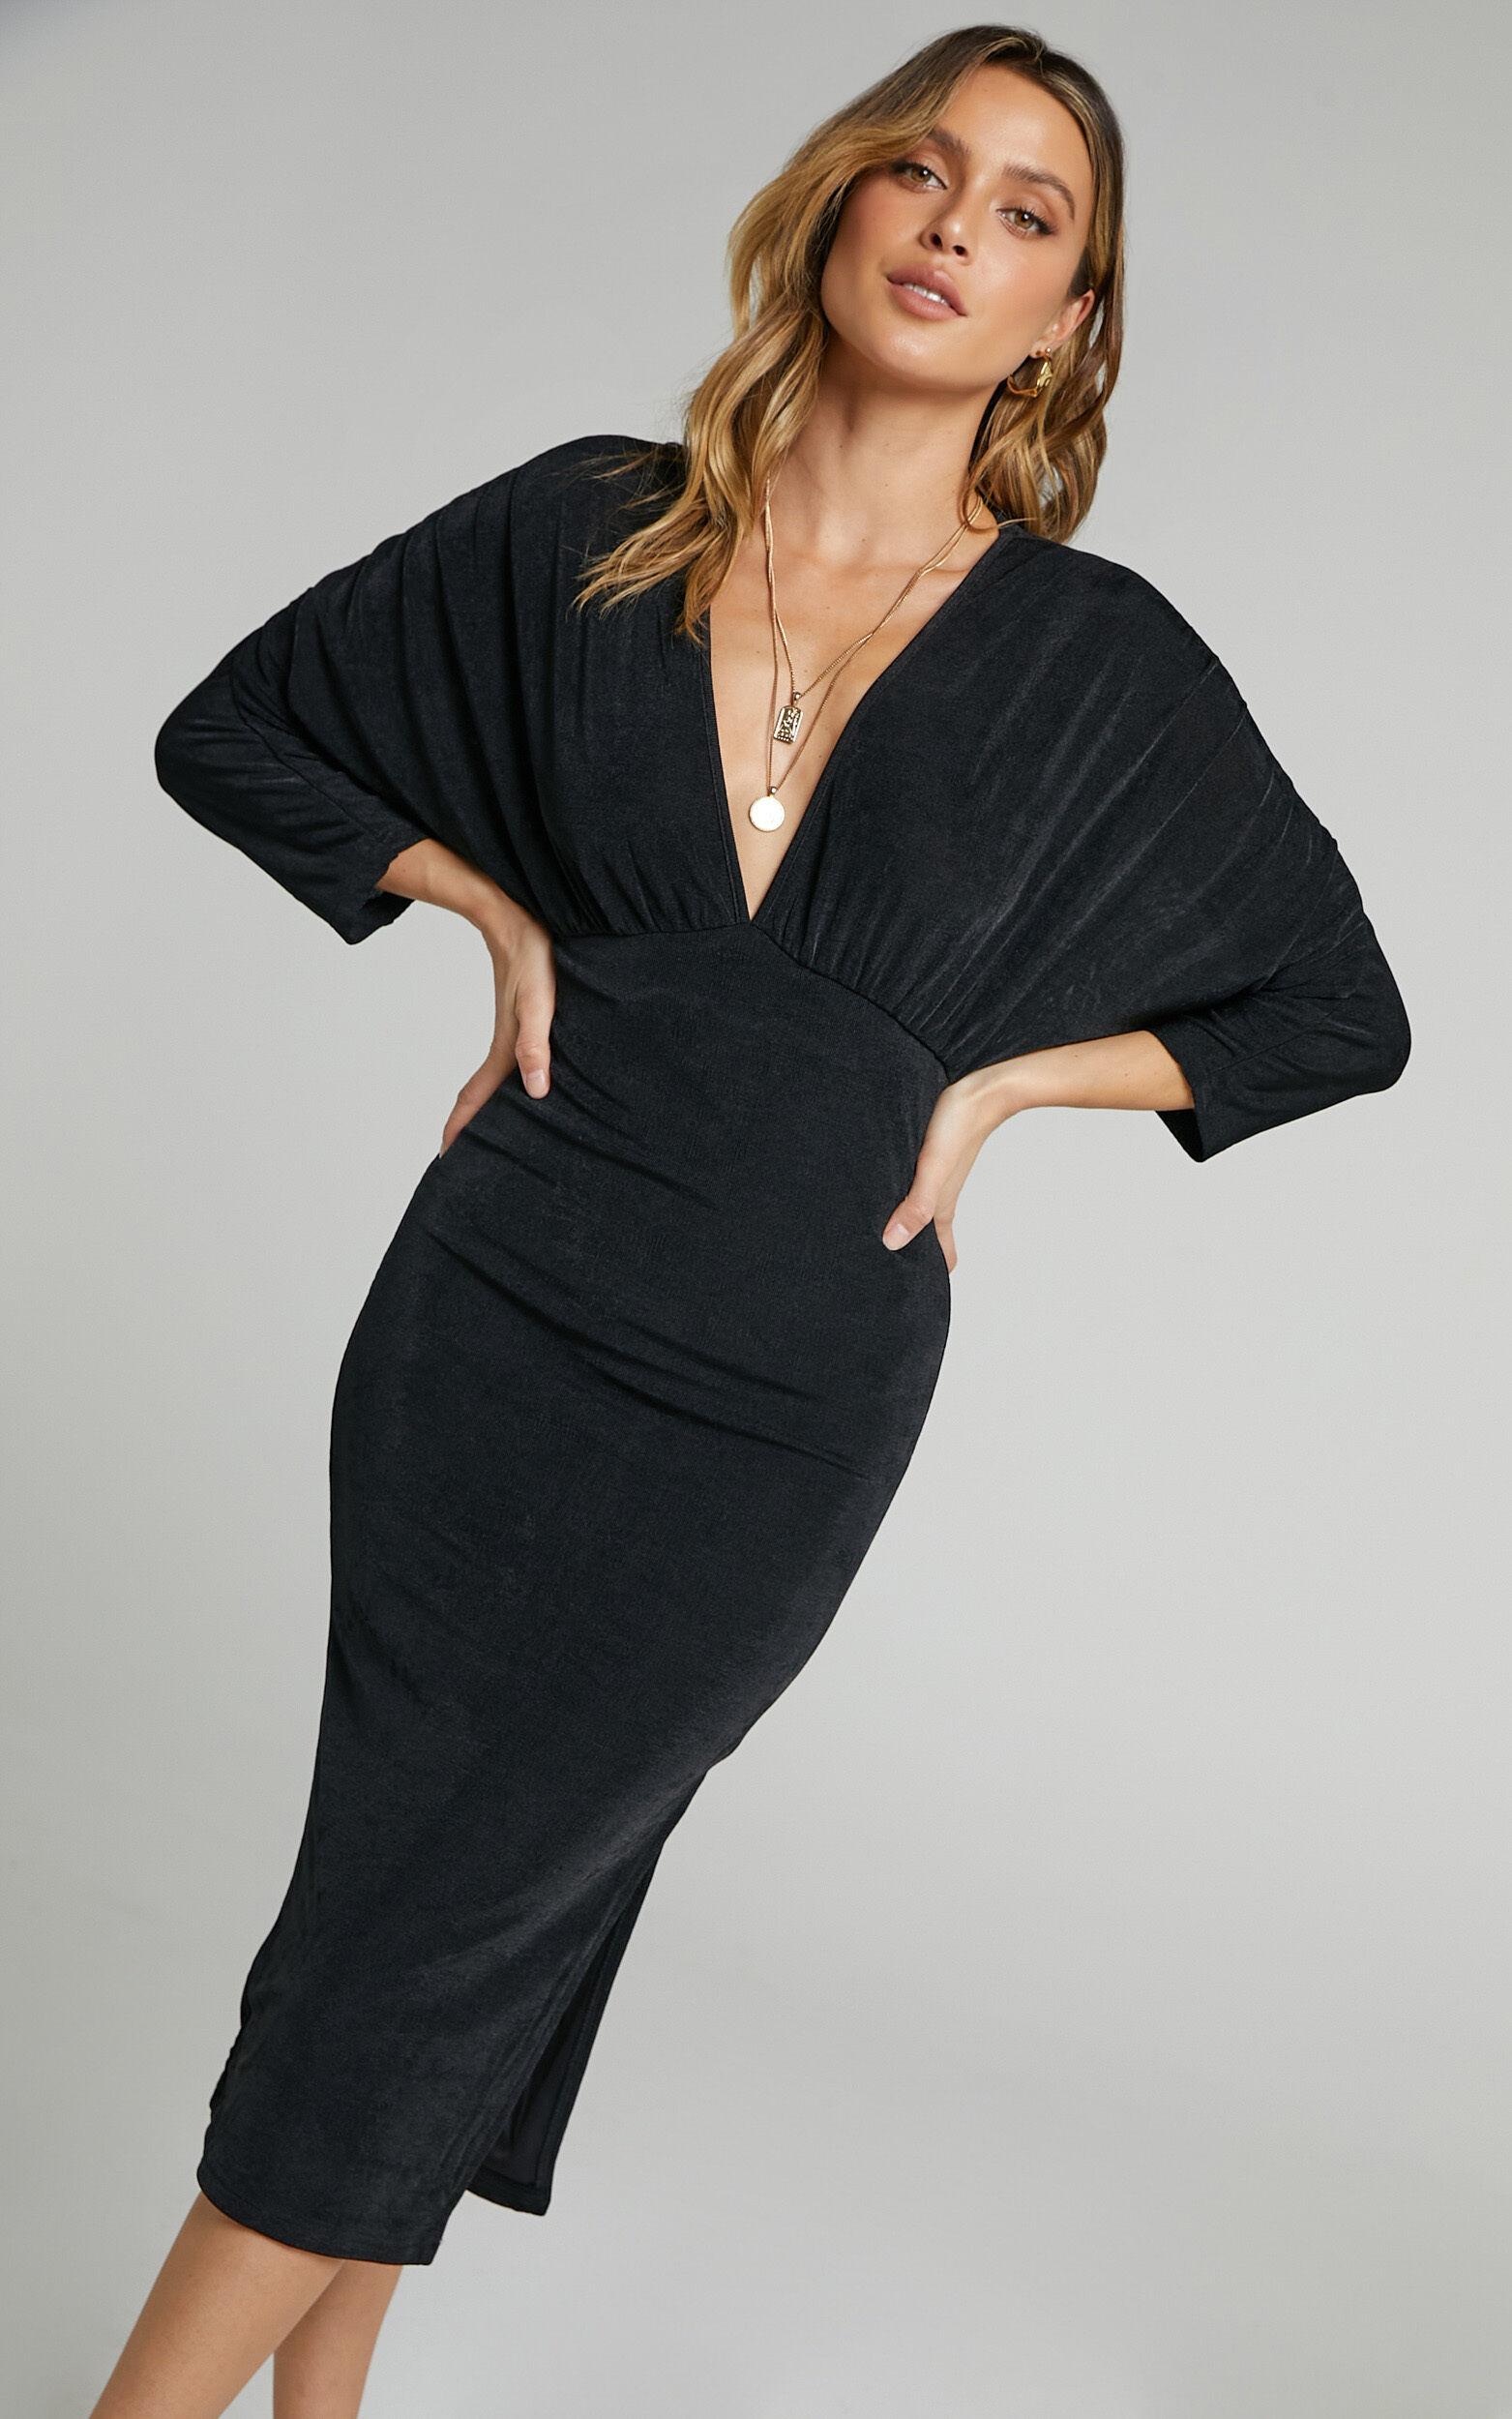 Rosie V Front Midi Dress with Side Split in Black - 06, BLK1, super-hi-res image number null